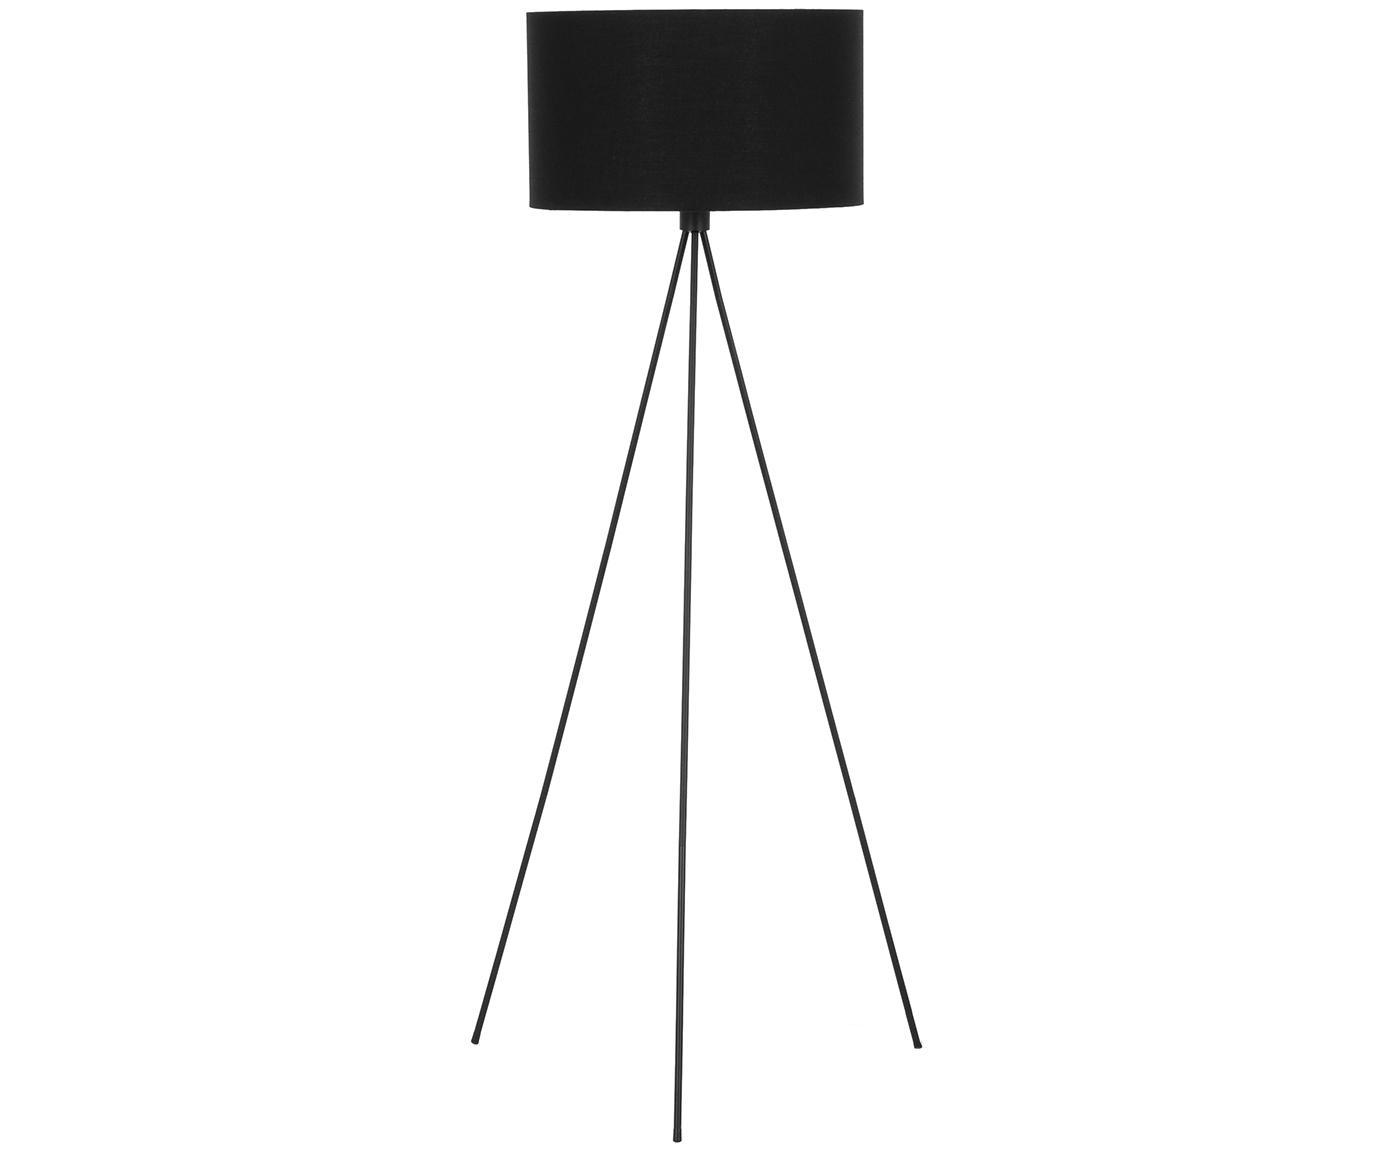 Stehlampe Cella, Lampenschirm: Baumwollgemisch, Lampenfuß: Metall, pulverbeschichtet, Schwarz, ∅ 48 x H 158 cm